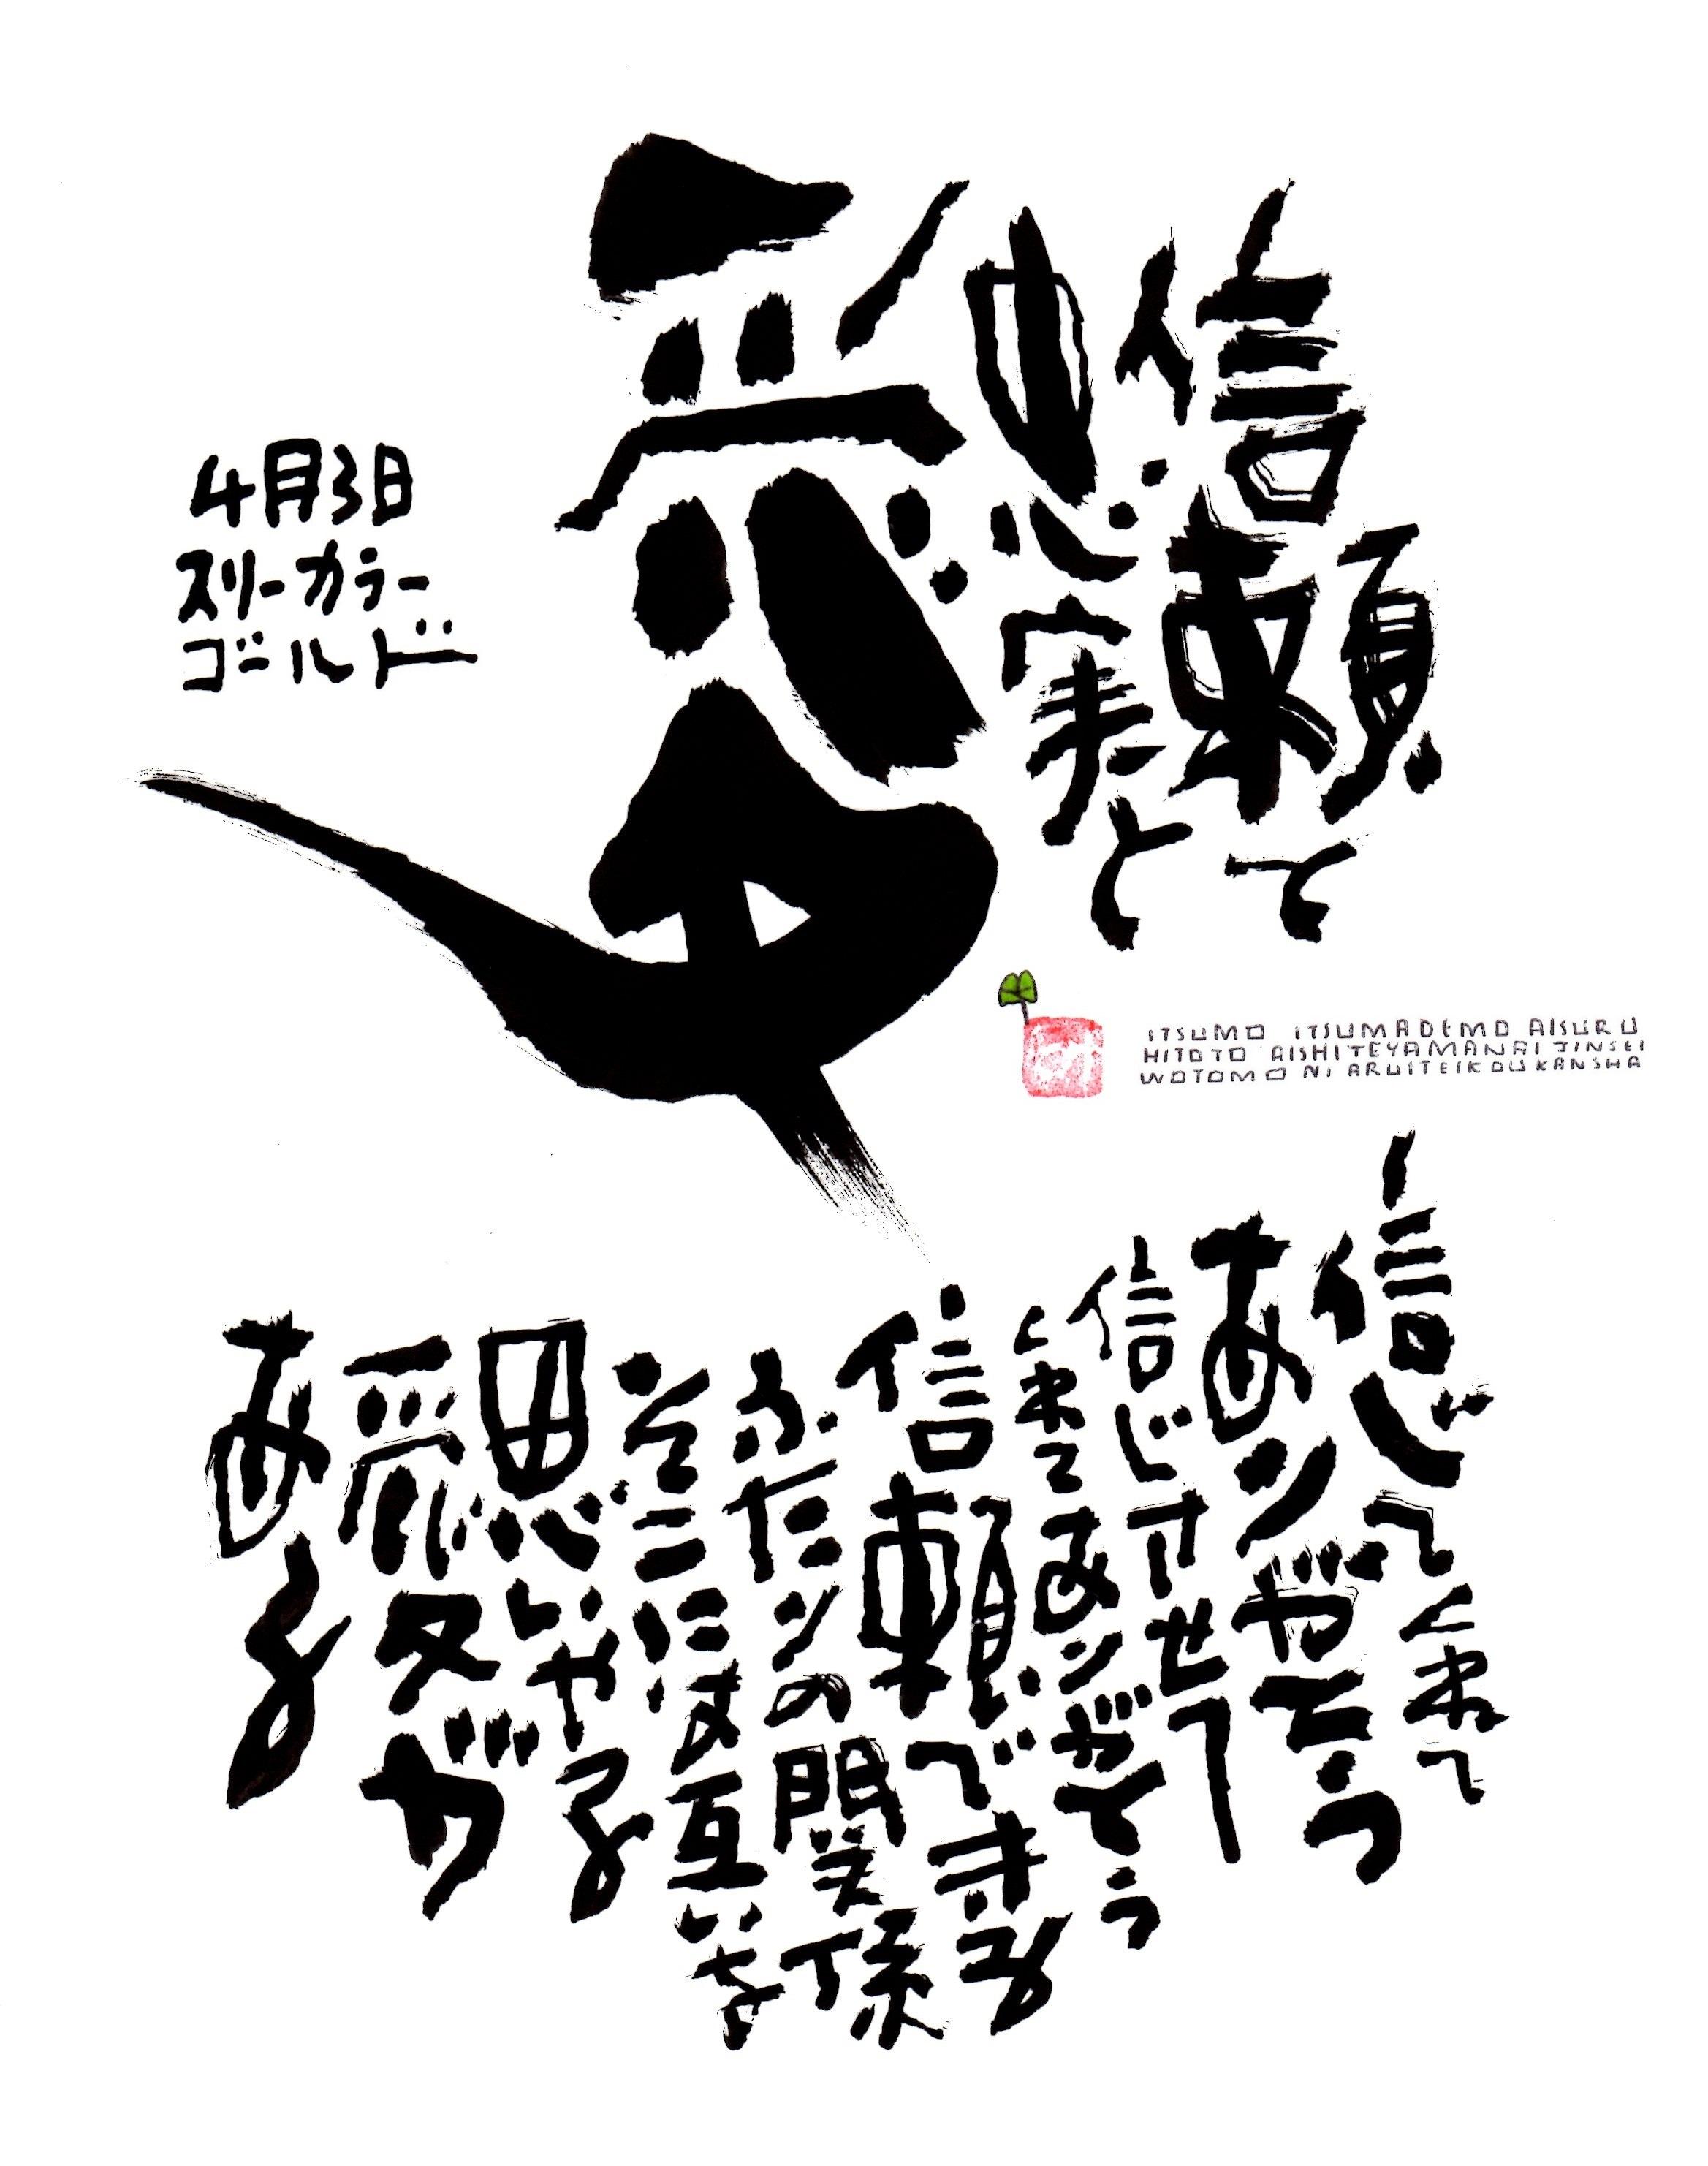 4月3日 結婚記念日ポストカード【信頼と忠実と愛】